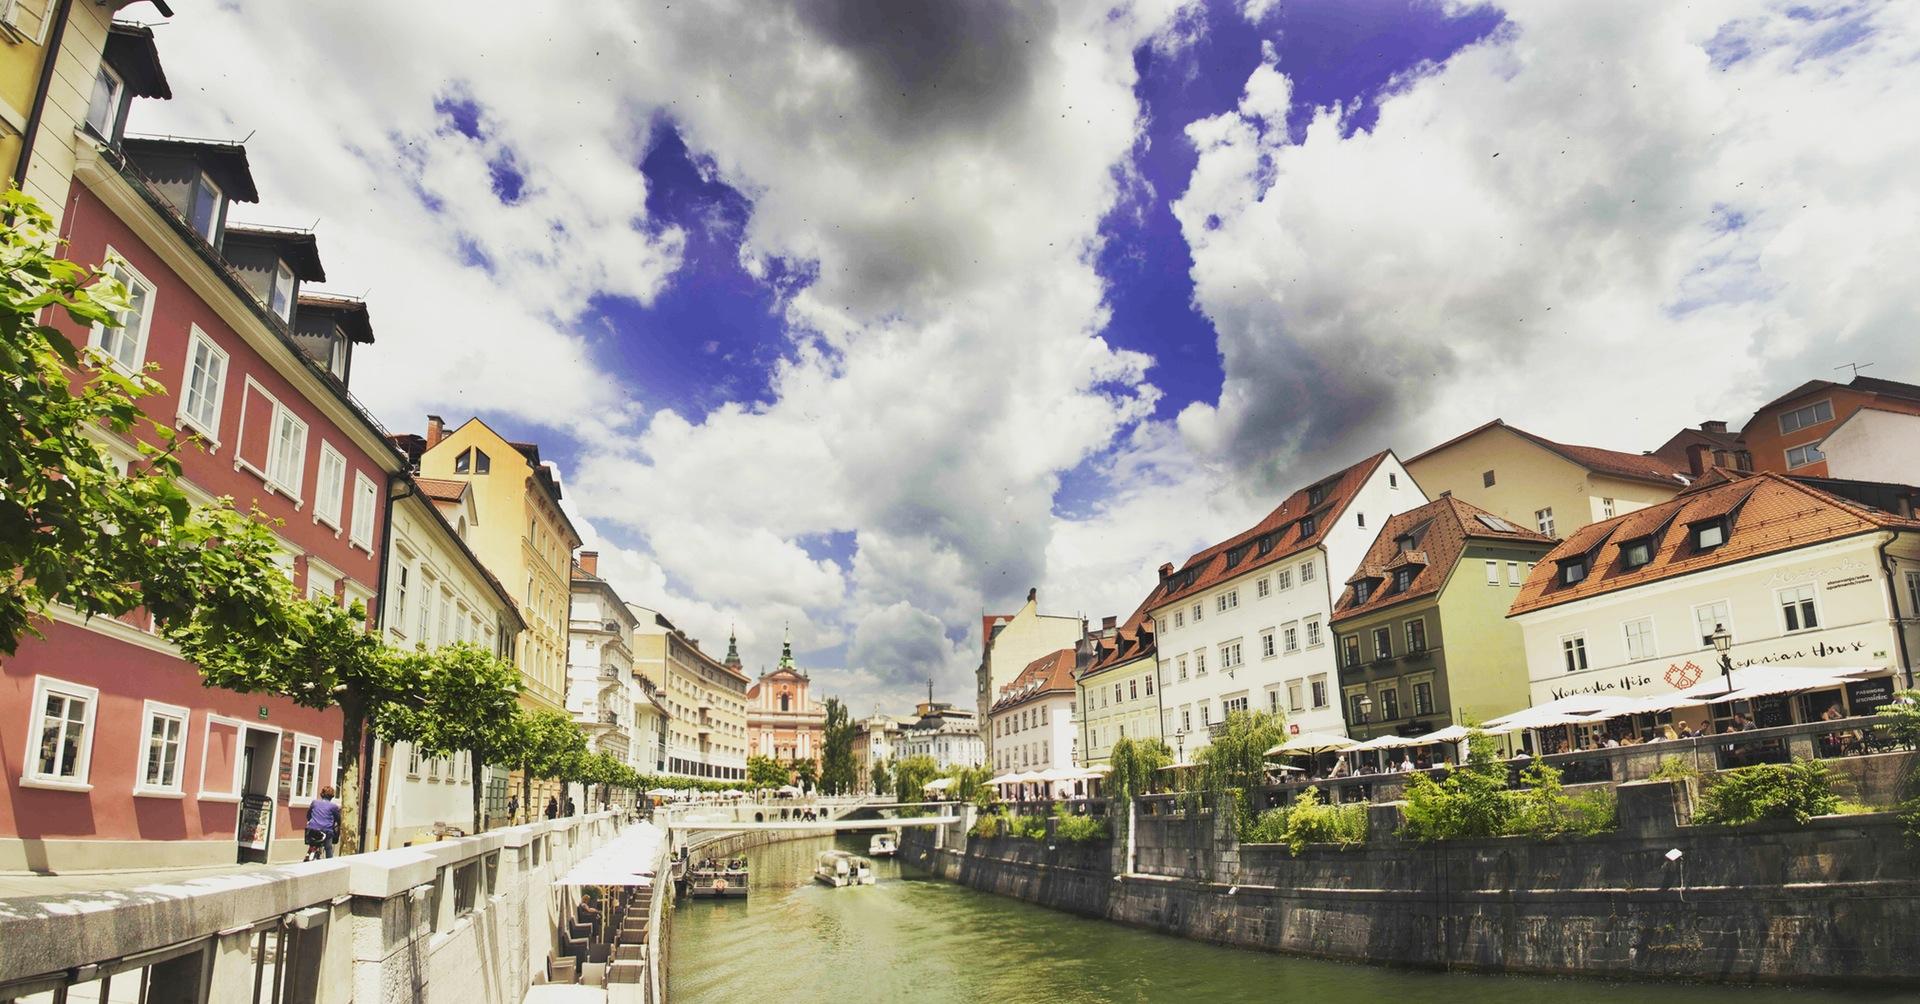 χωριό, Ποταμός, σπίτια, νερό, σύννεφα - Wallpapers HD - Professor-falken.com